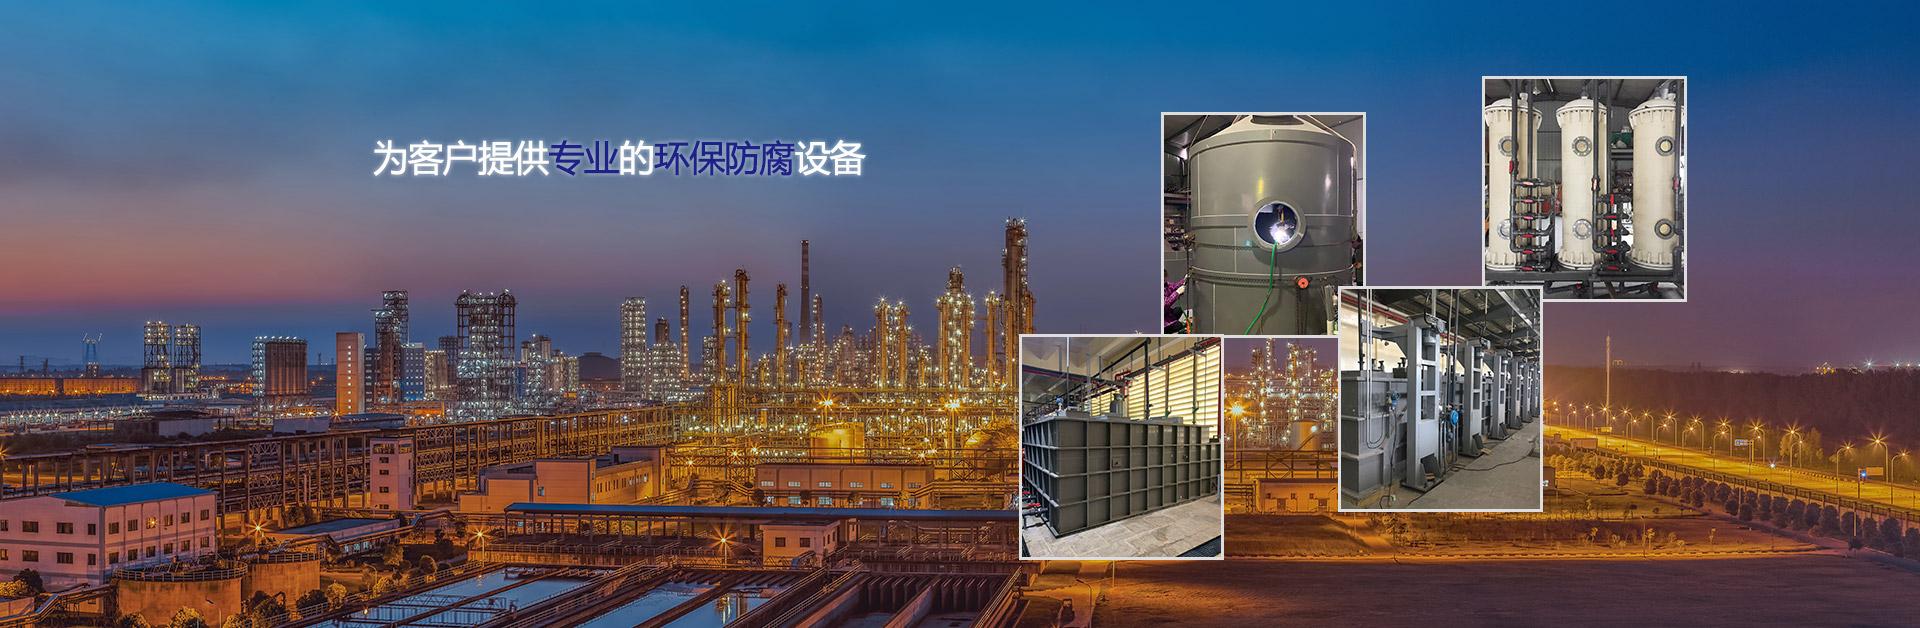 废气吸收设备厂家